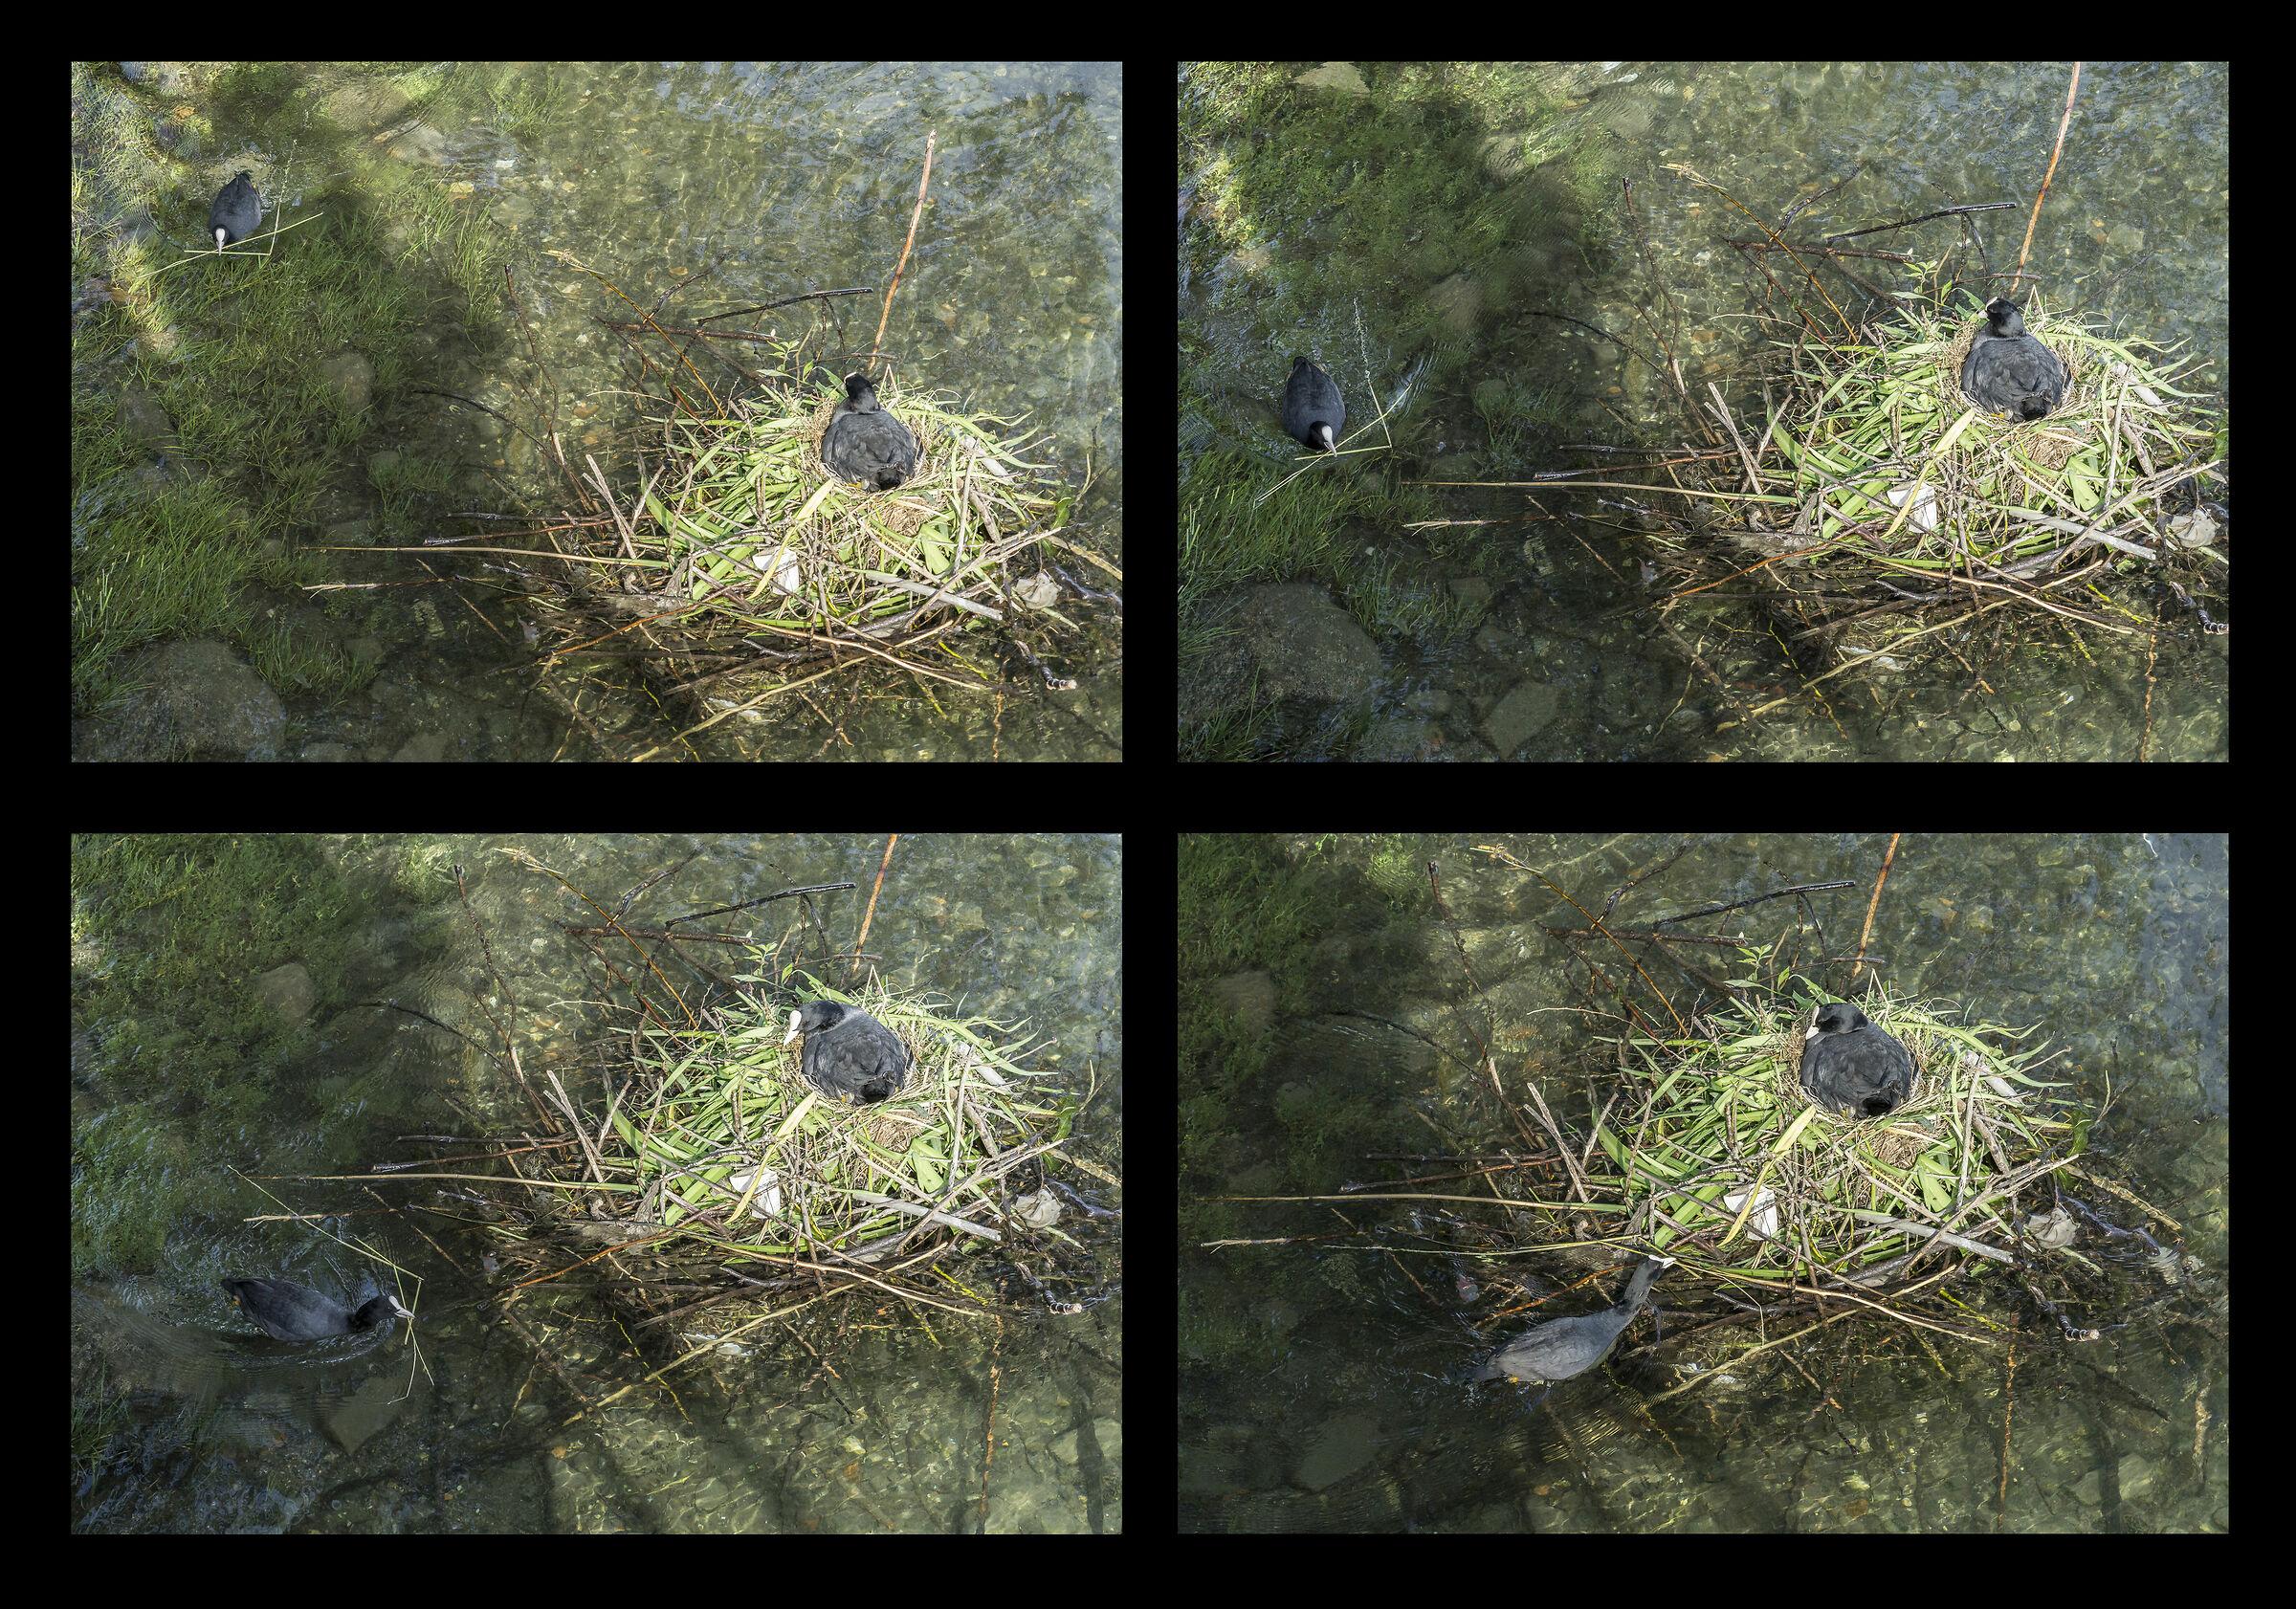 Coppia di folaghe nel proprio nido - 7...